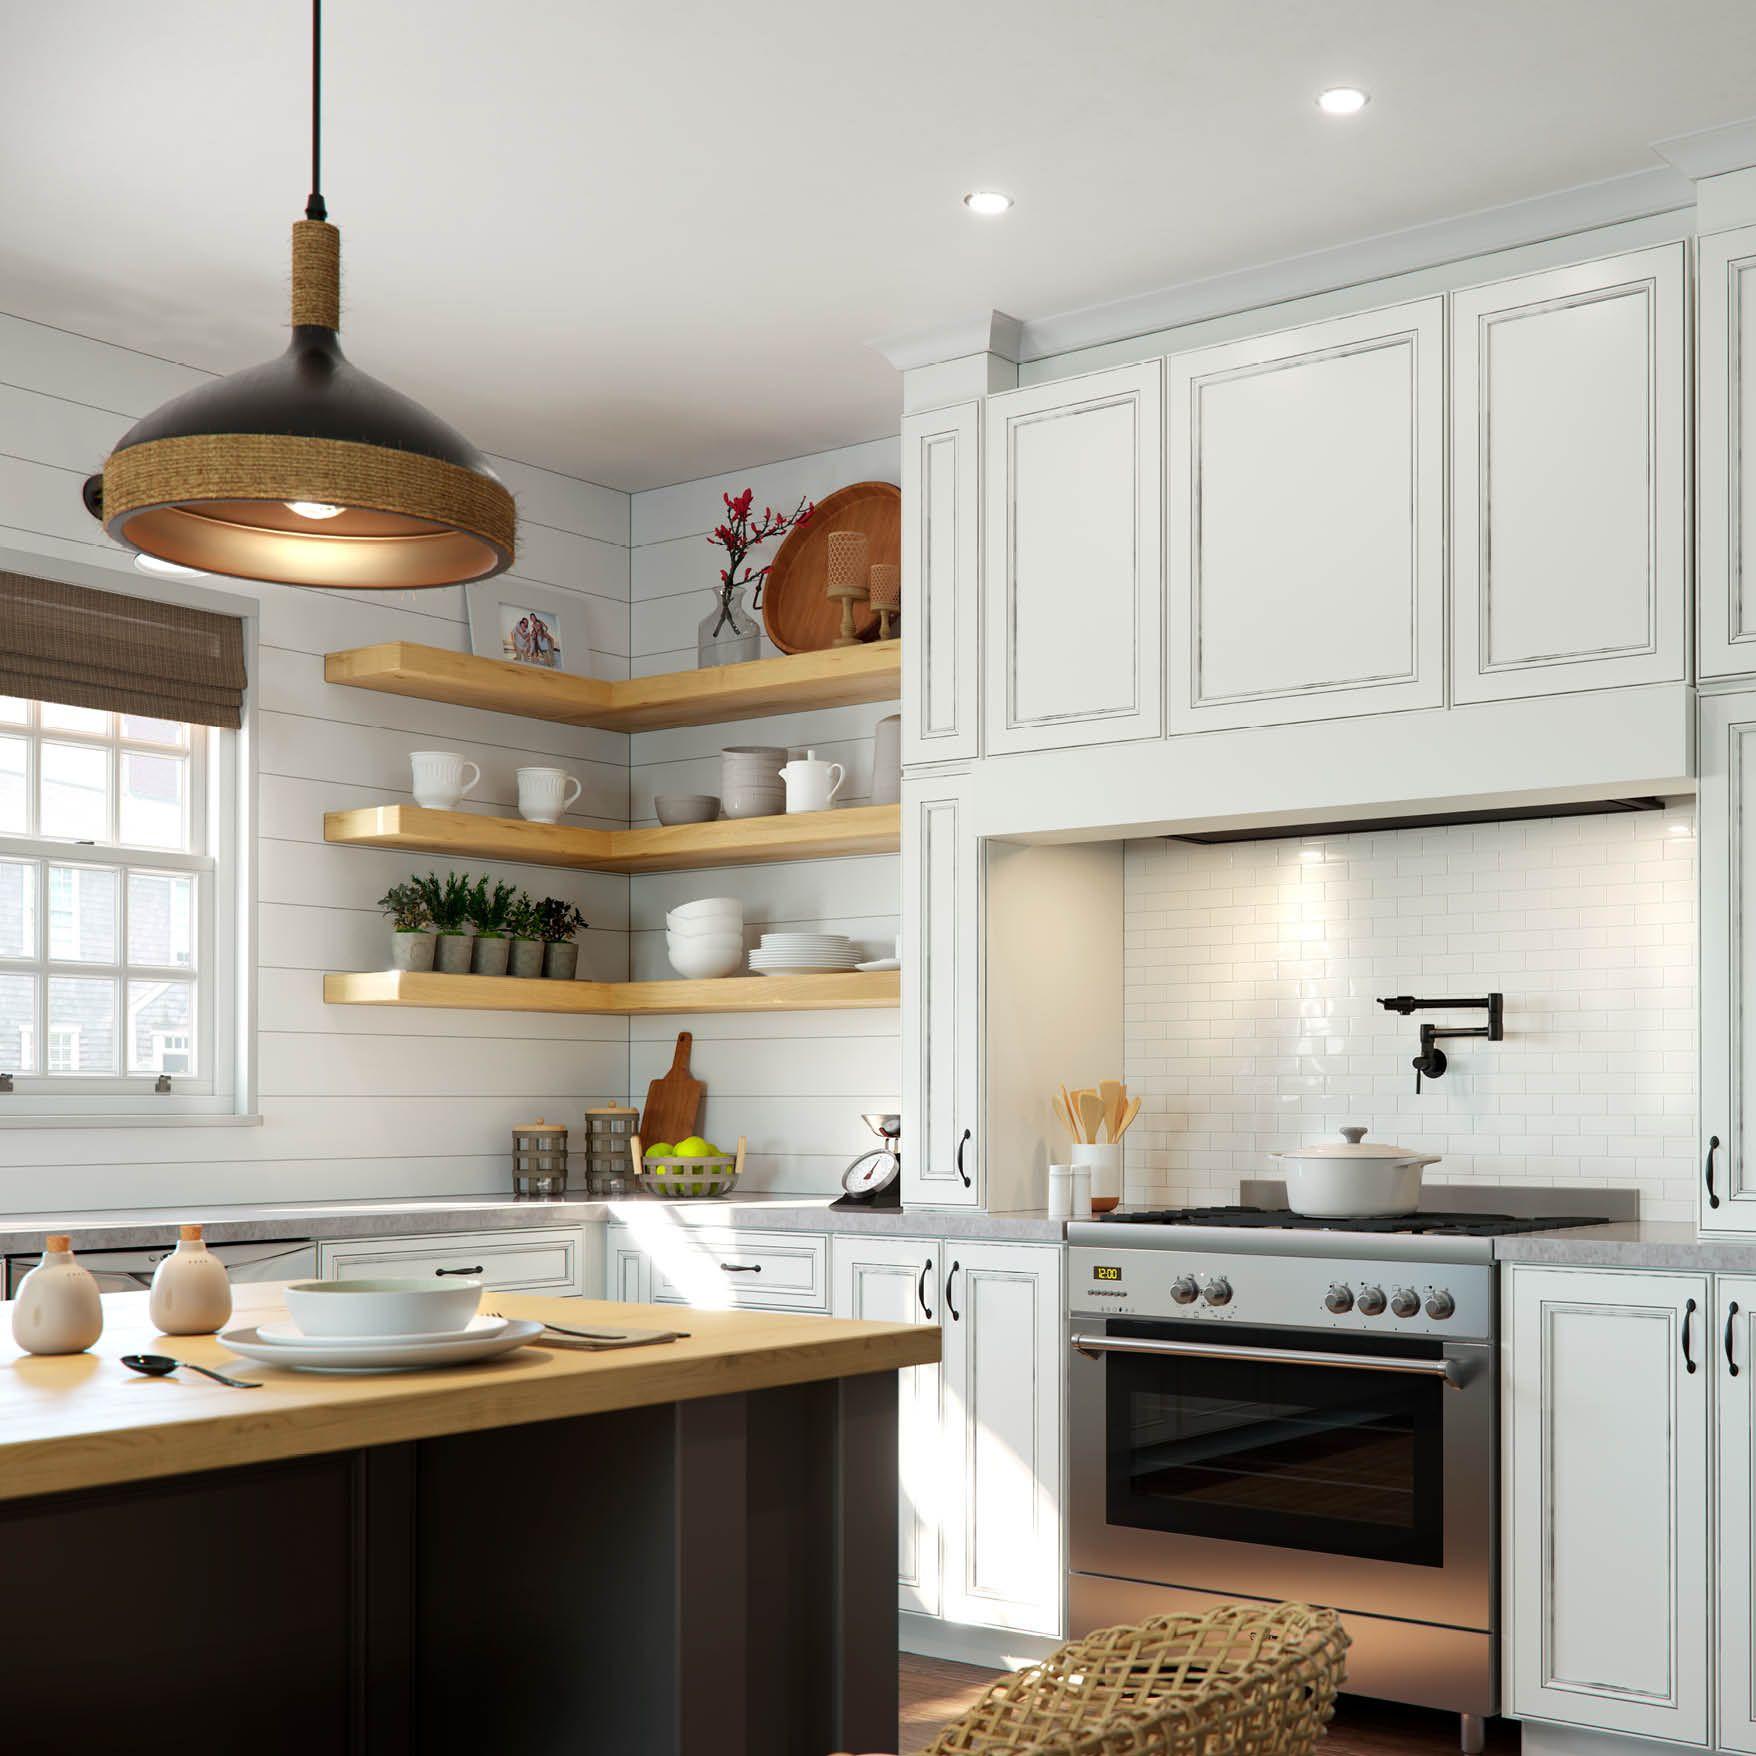 Enjoy Endless Summer Kitchen Cabinets Decor Kitchen Design Elegant Kitchens